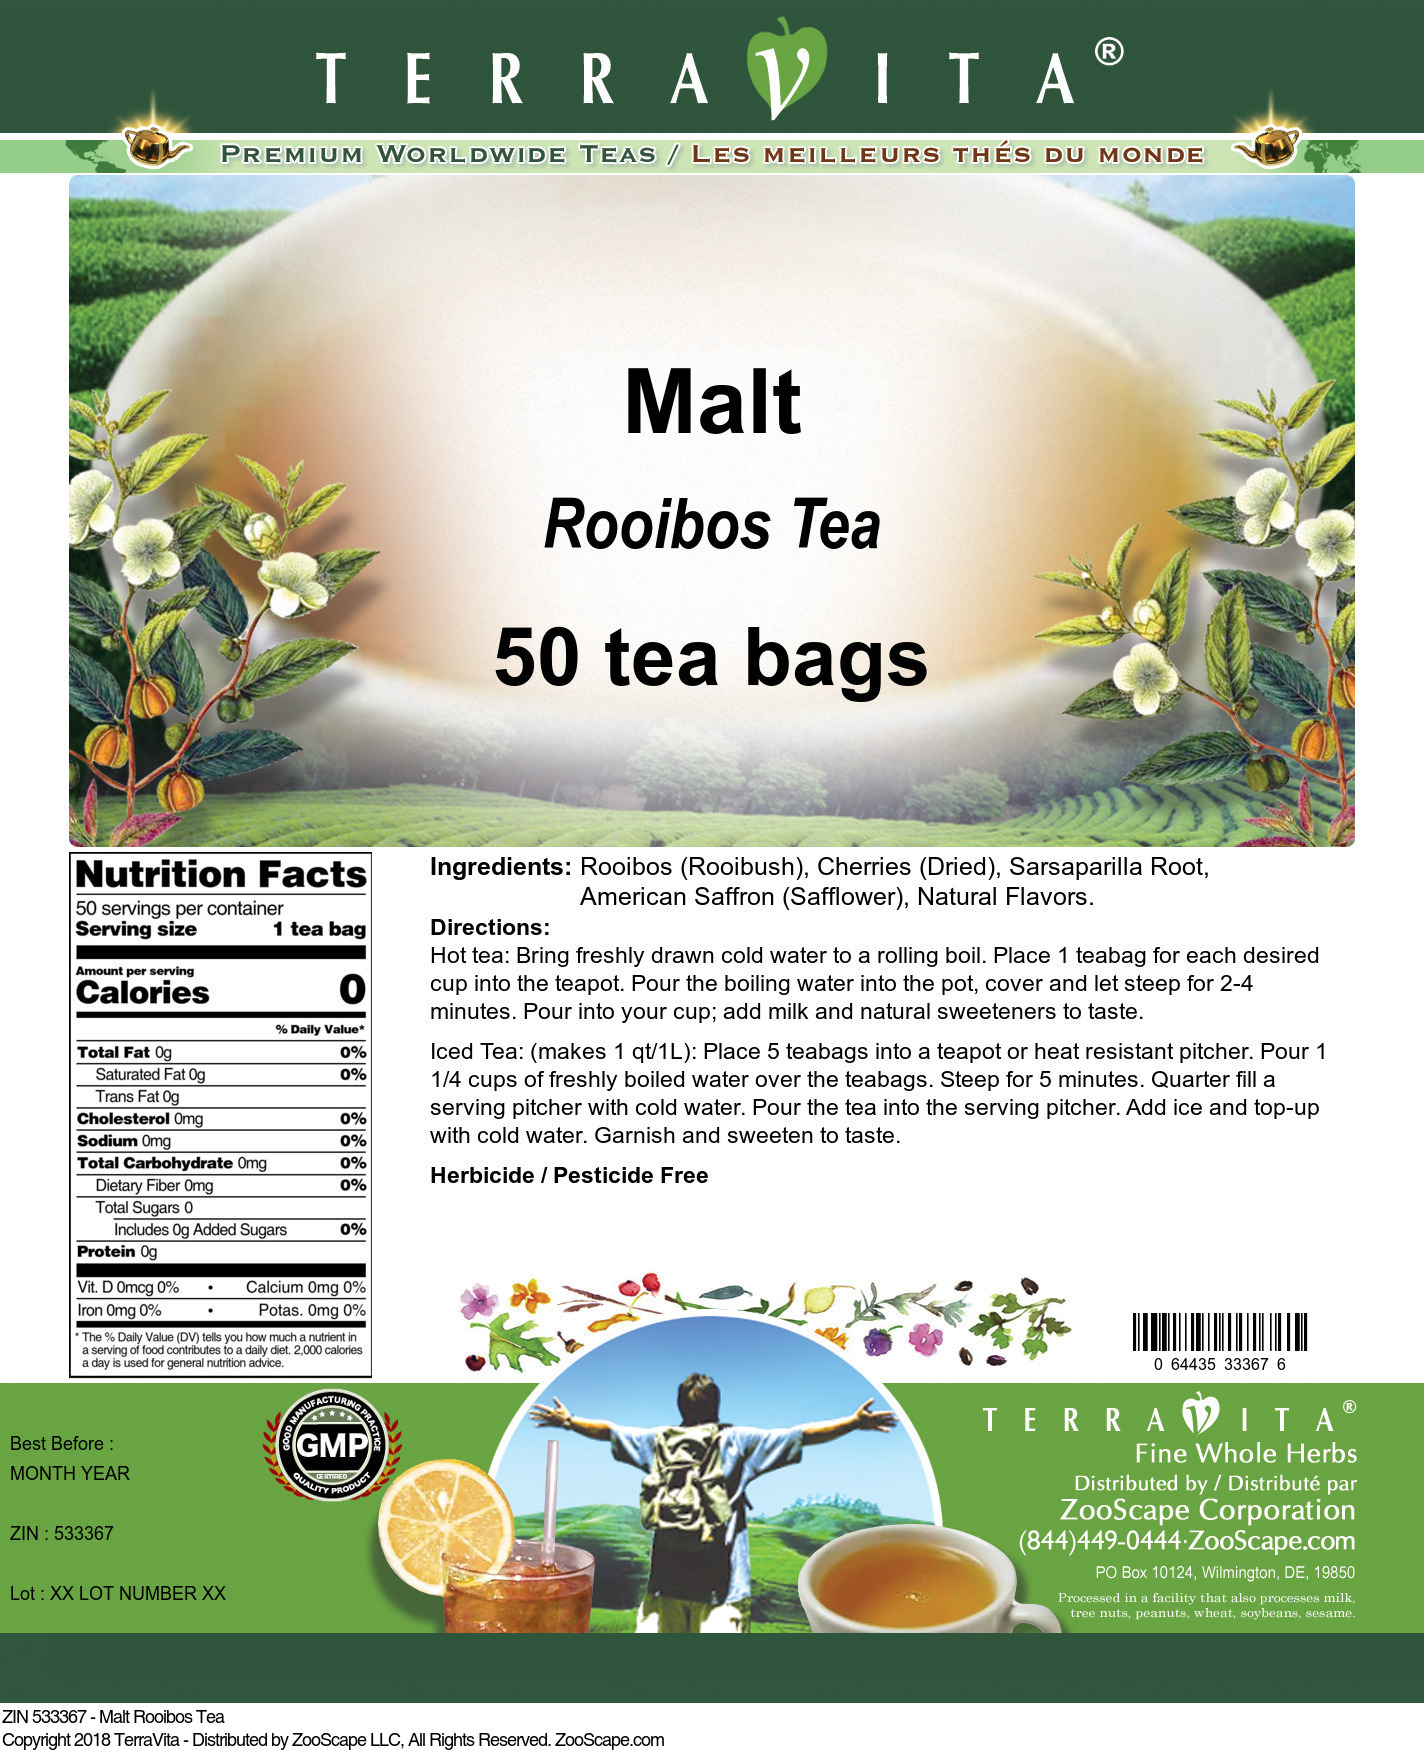 Malt Rooibos Tea